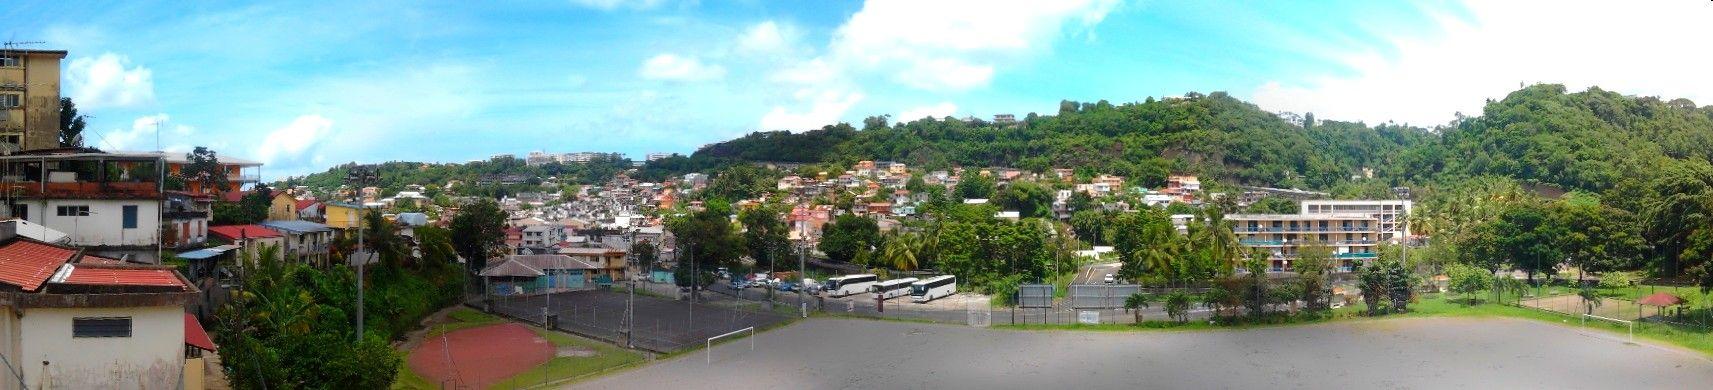 Vue panoramique sur le quartier Ermitage à Fort de France Martinique on Photos Martinique  http://www.caraibemosaique.com/photosmartinique/social-gallery/img-20130825-175401-6